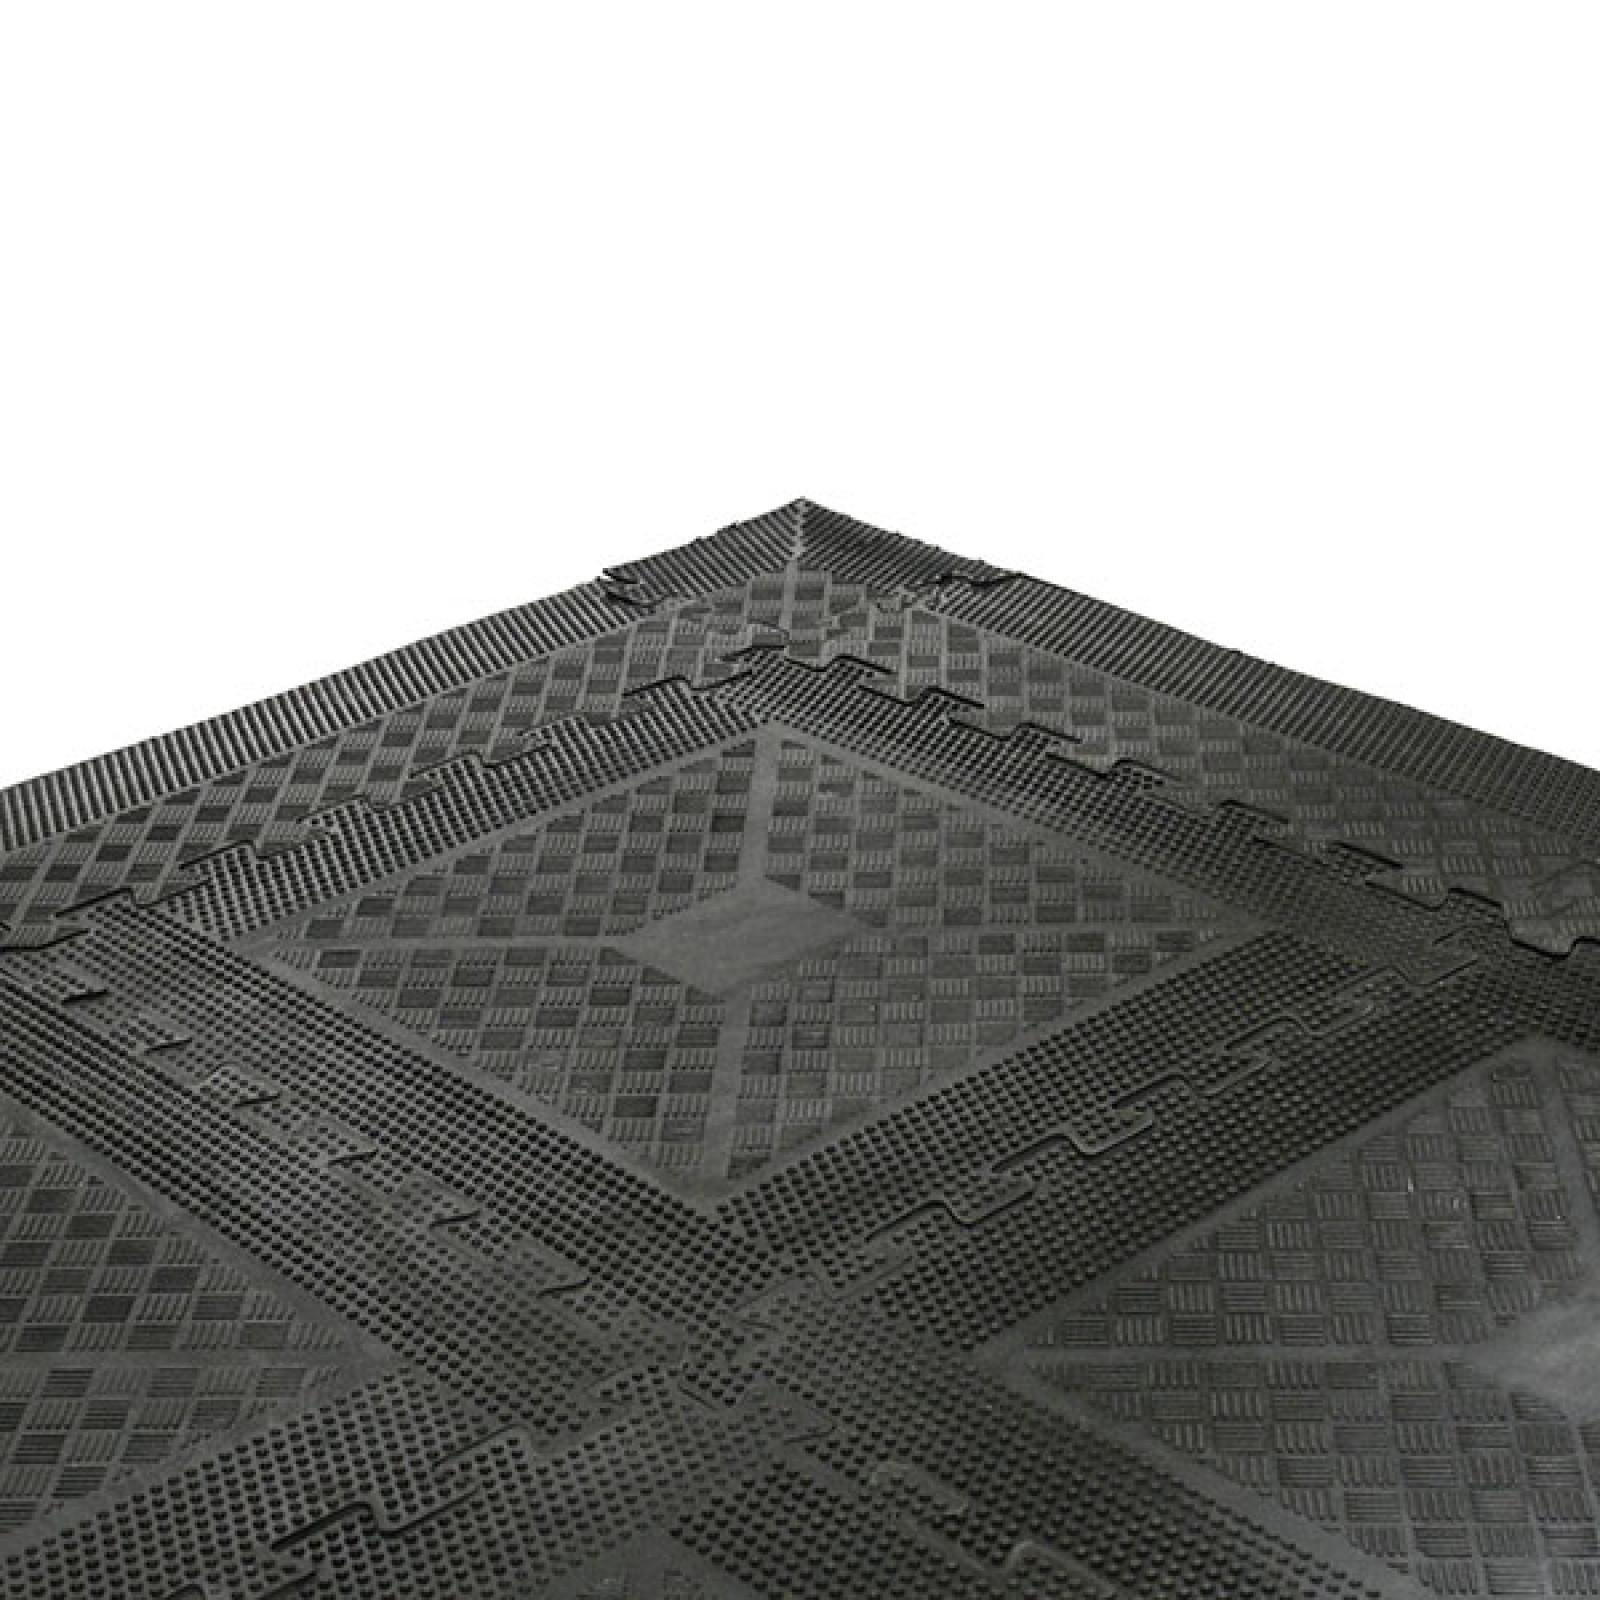 Bodymax Rubber Interlocking Floor Mats Shop Online